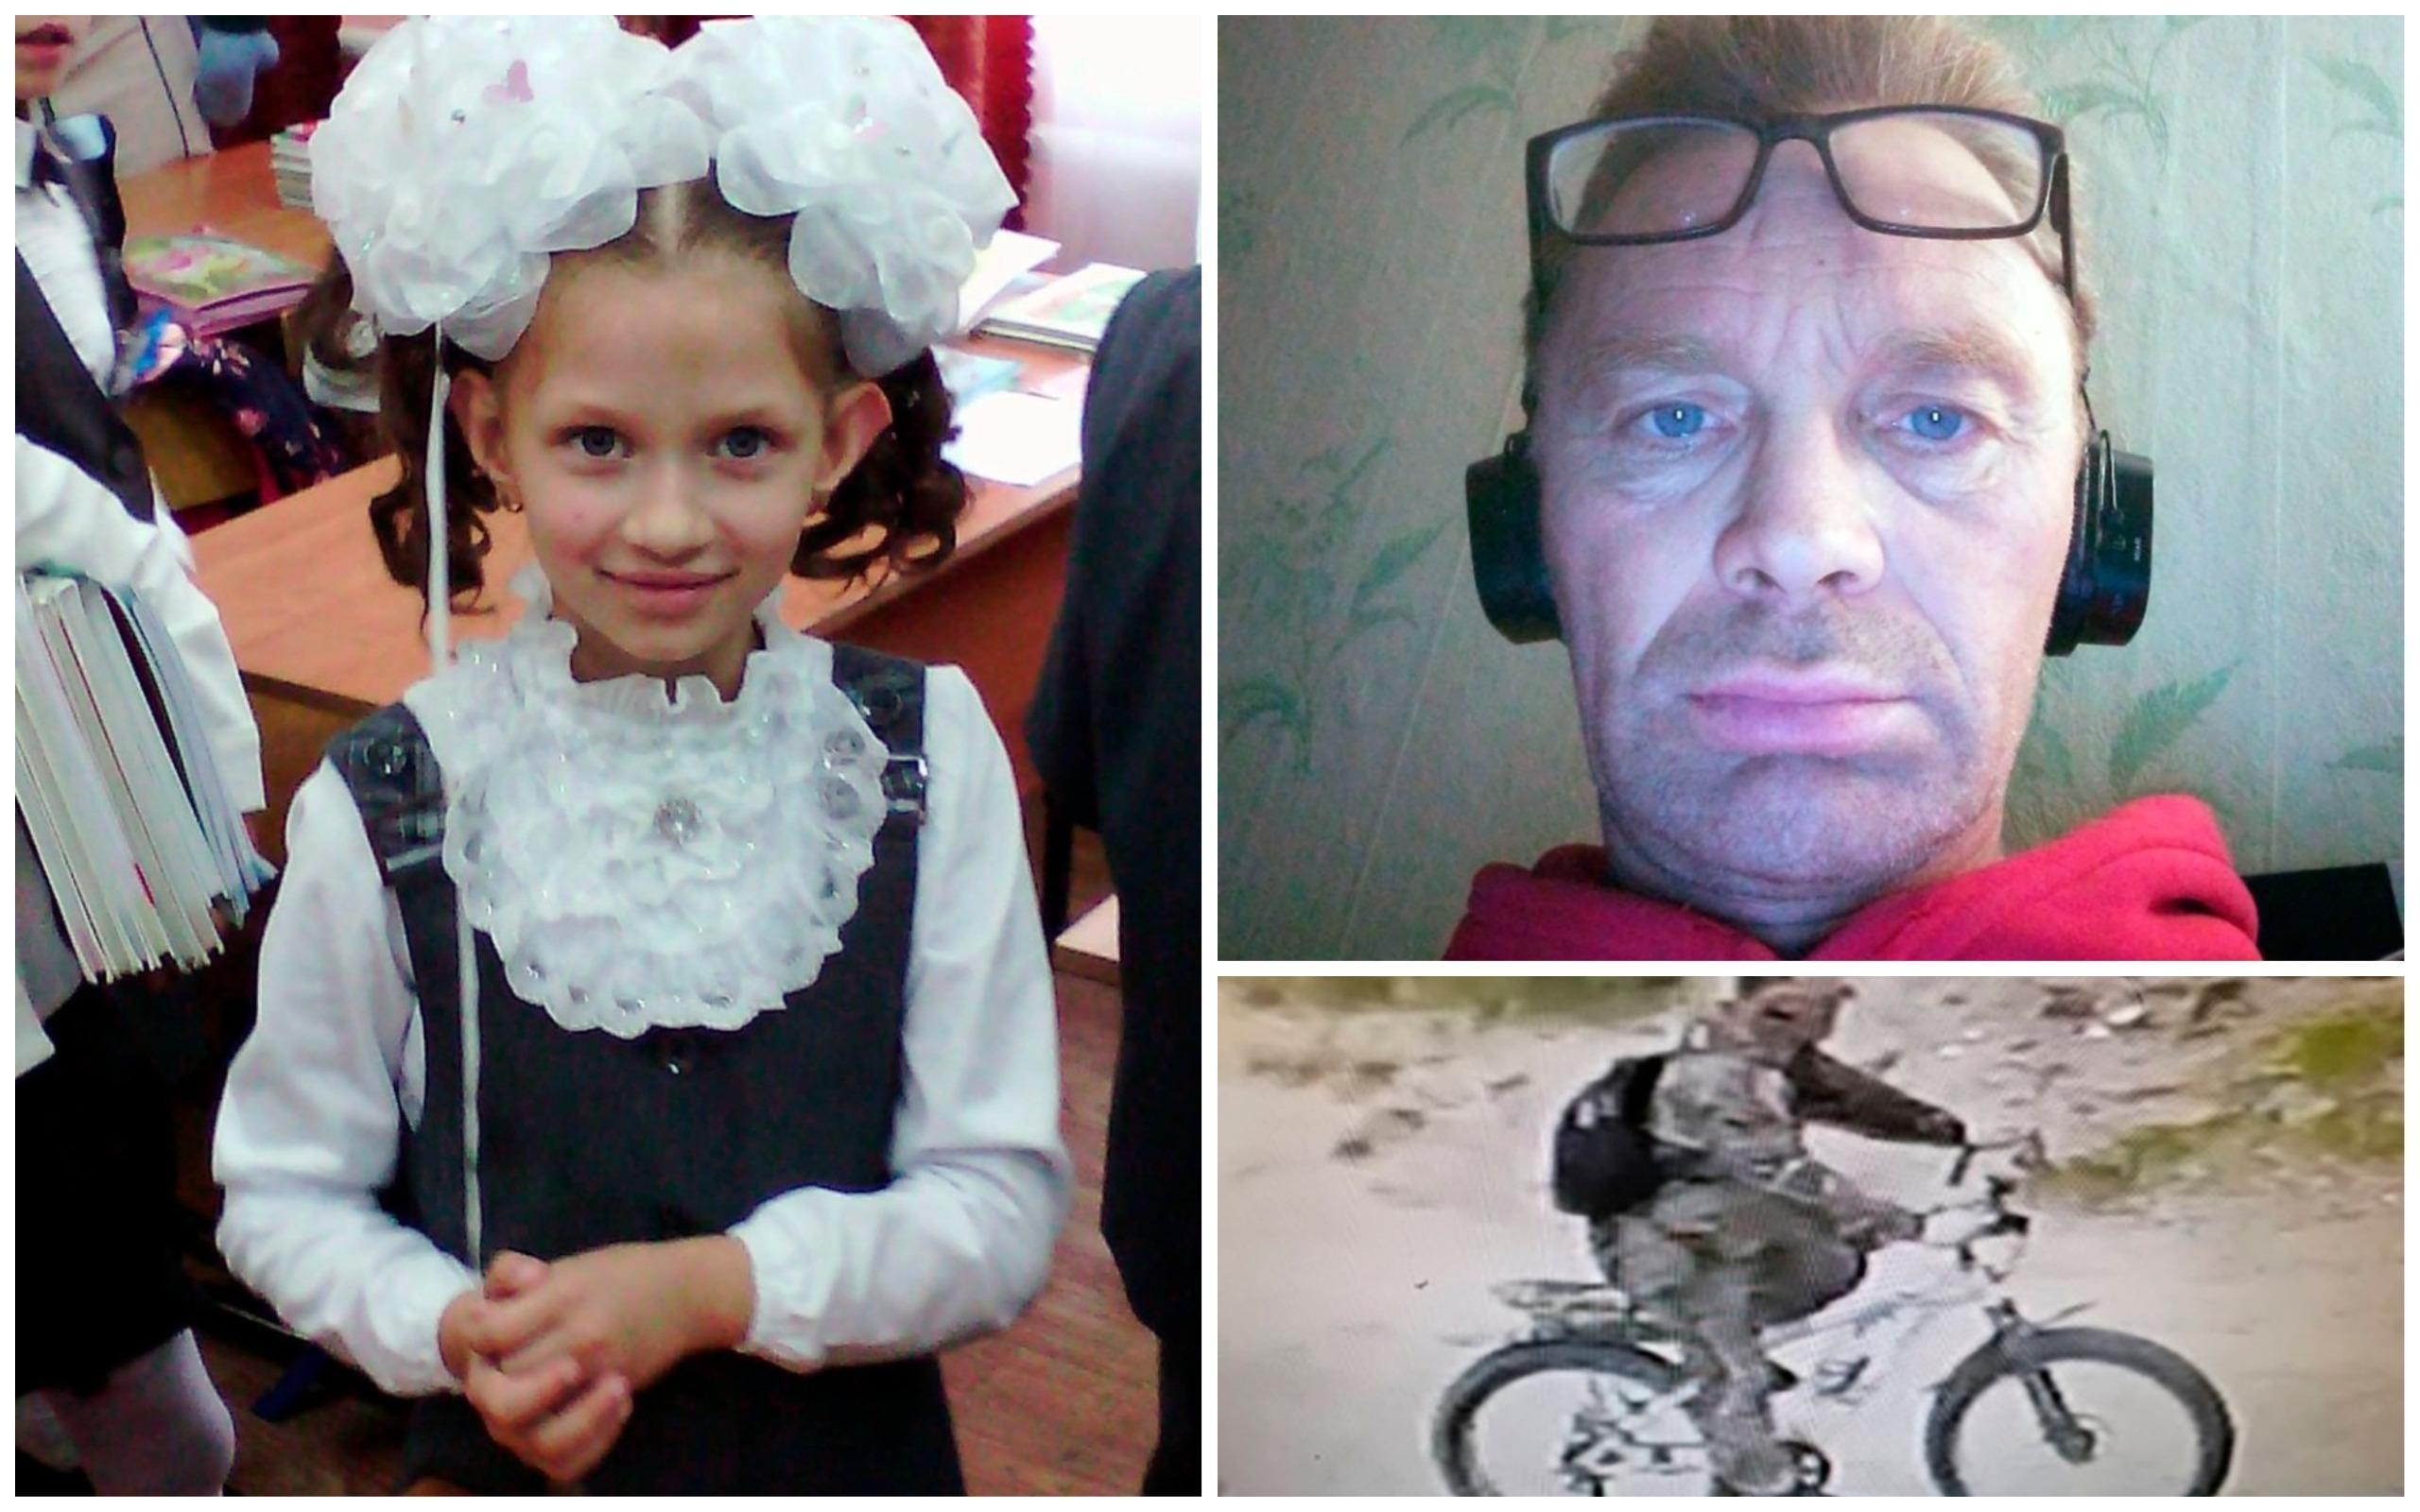 Fetiță de 12 ani abuzată și înjunghiată de un bărbat care a urmărit-o în timp ce se îndrepta spre casă de la școală, în Rusia